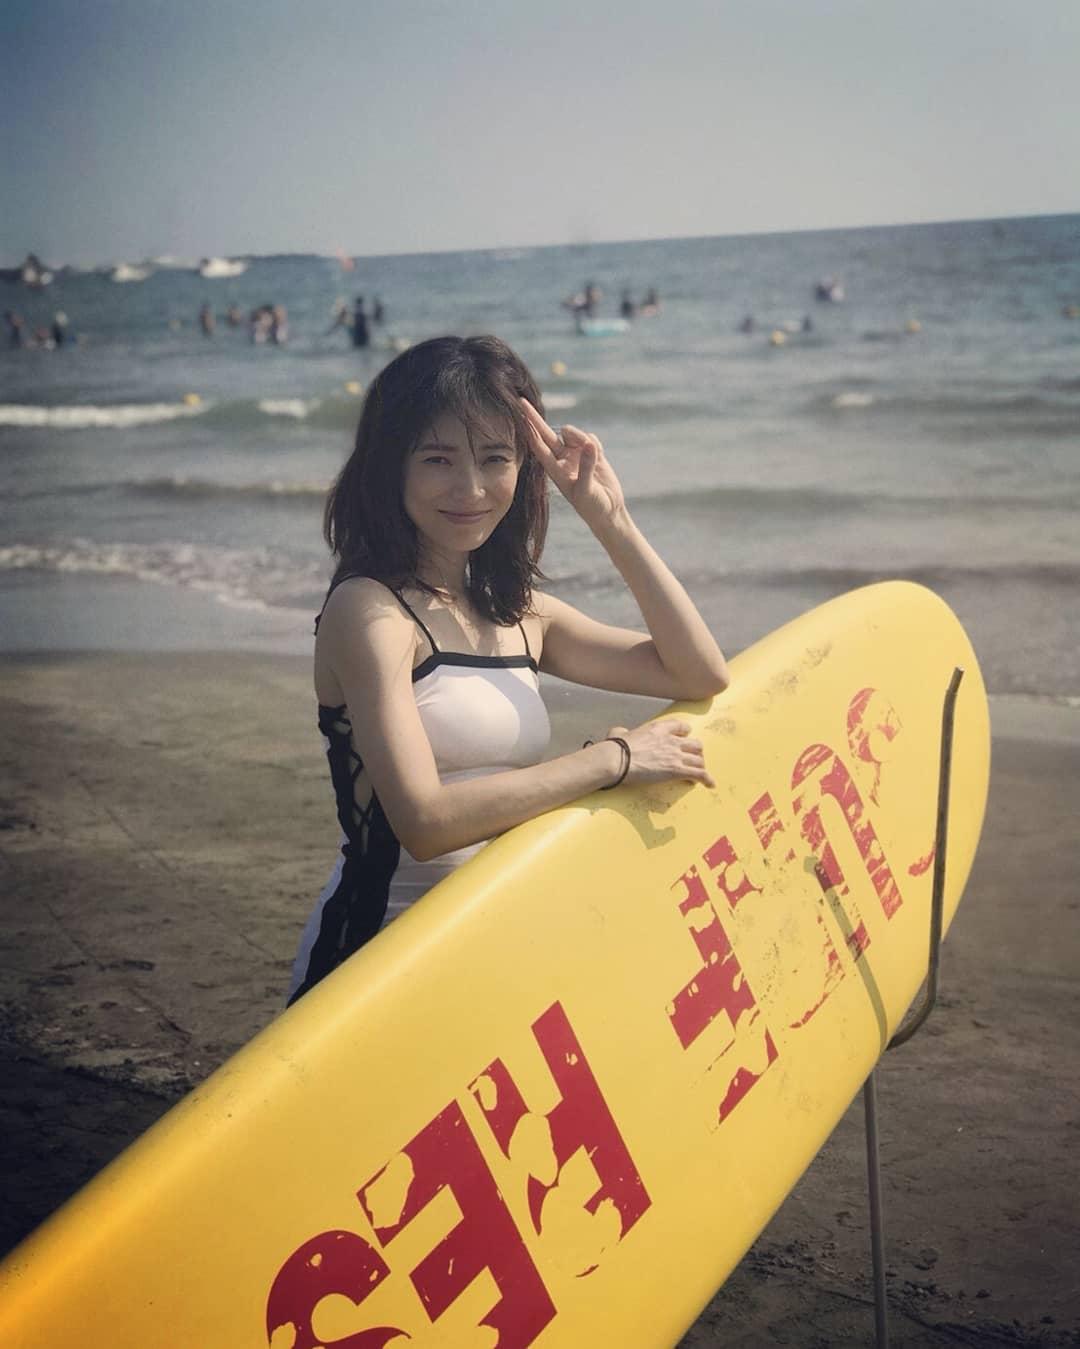 素人の女の子のインスタ画像っぽい芸能人の水着画像wwwwwww 37139131 205001010180948 1106548540848472064 n